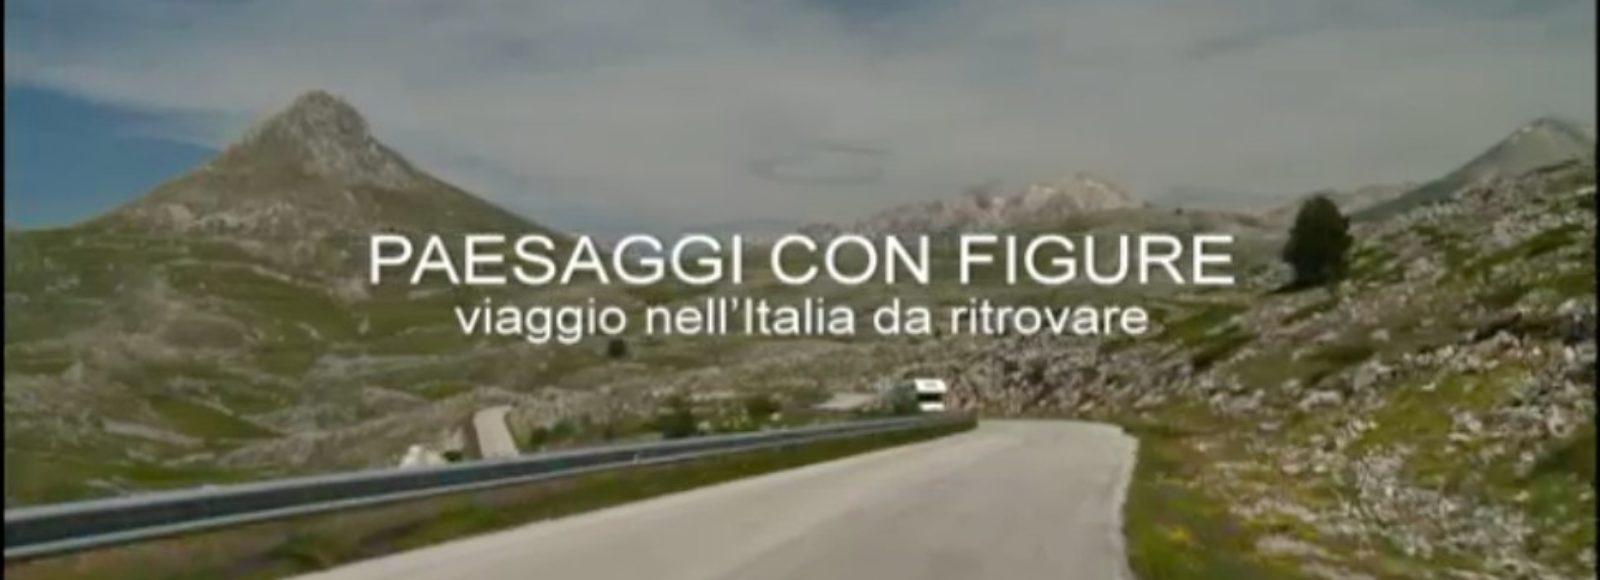 PAESAGGI CON FIGURE. VIAGGIO NELL'ITALIA DA RITROVARE